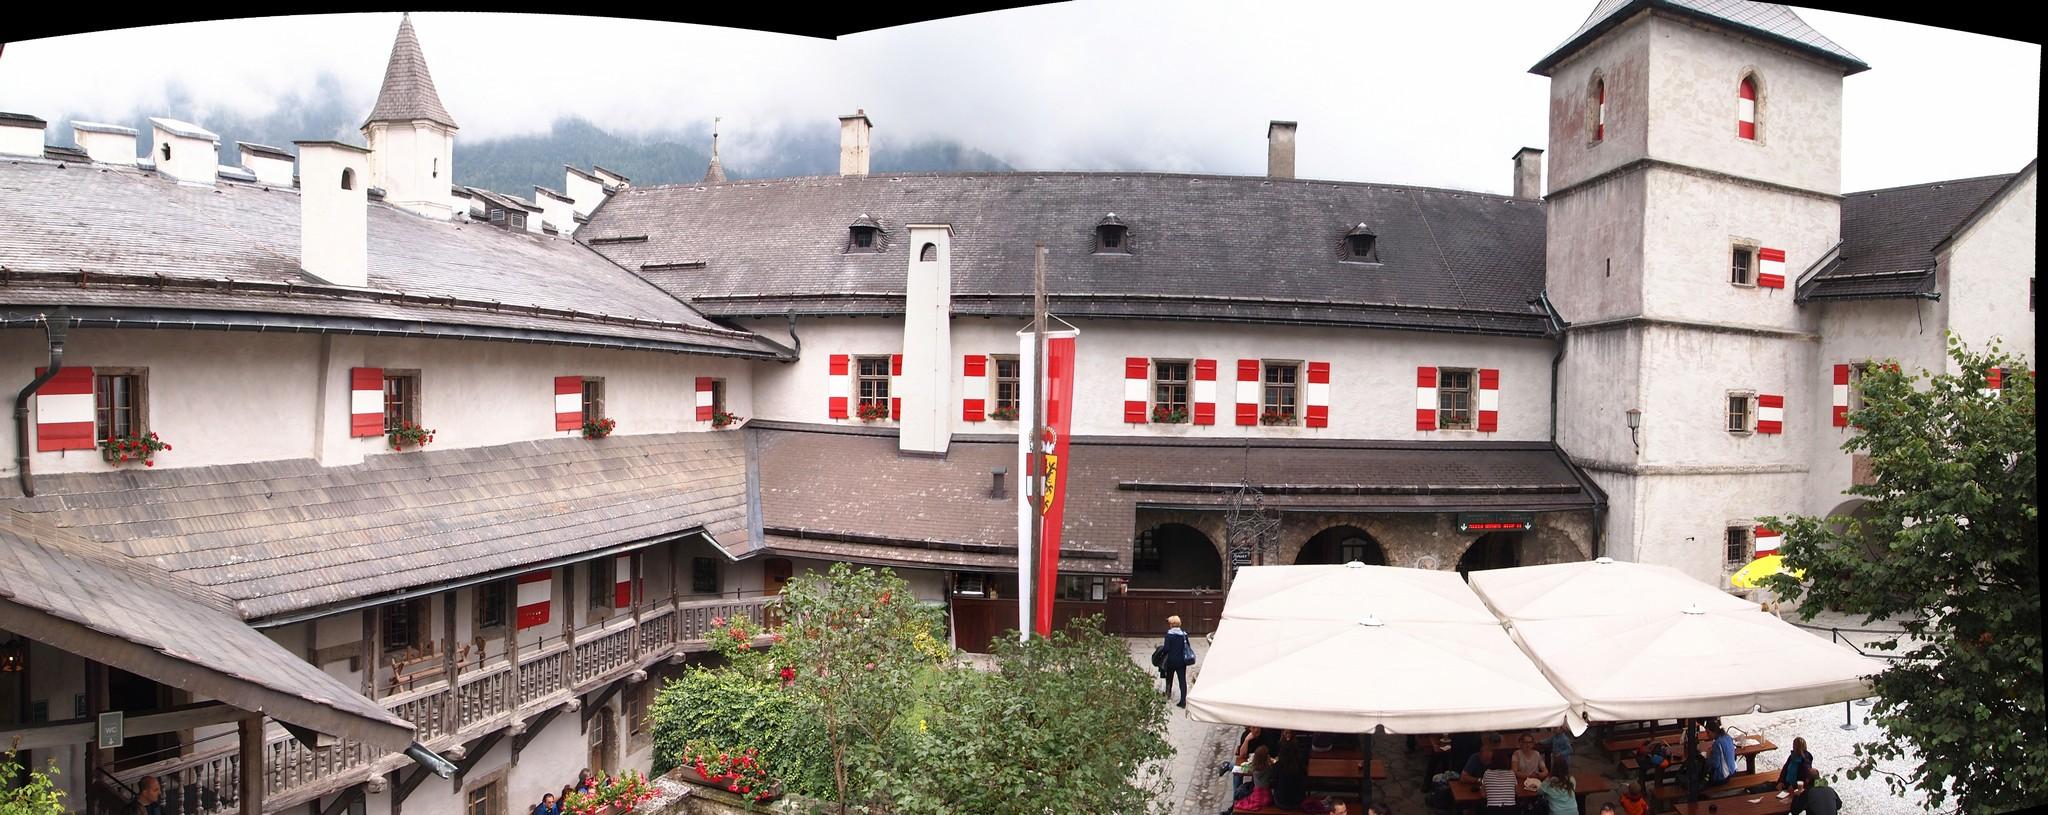 P1019236 Panorama.jpg